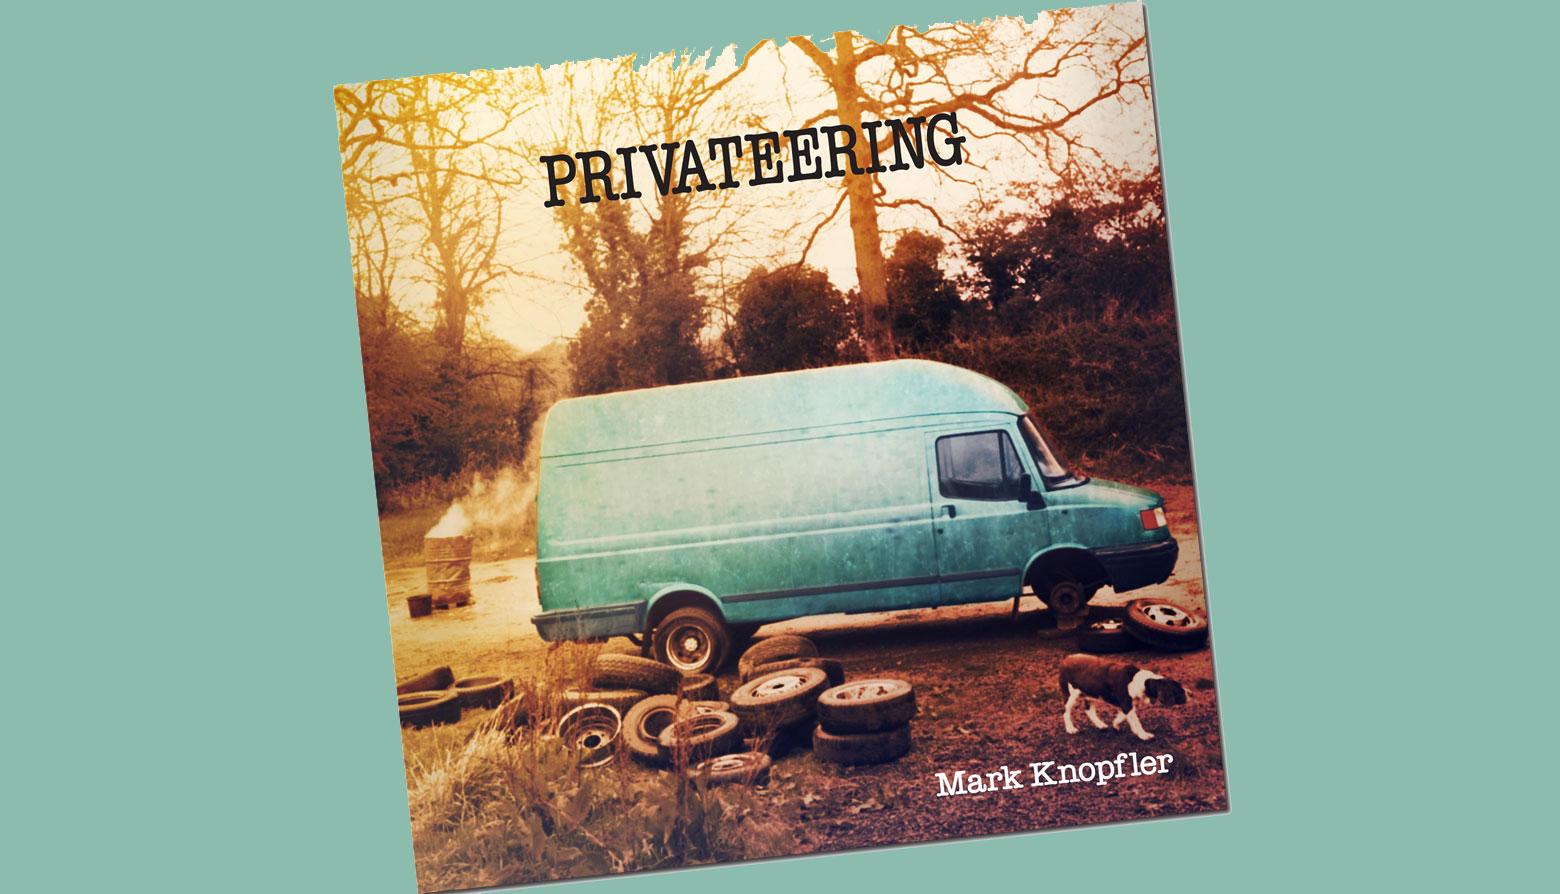 Mark-Knopfler-Privateering1